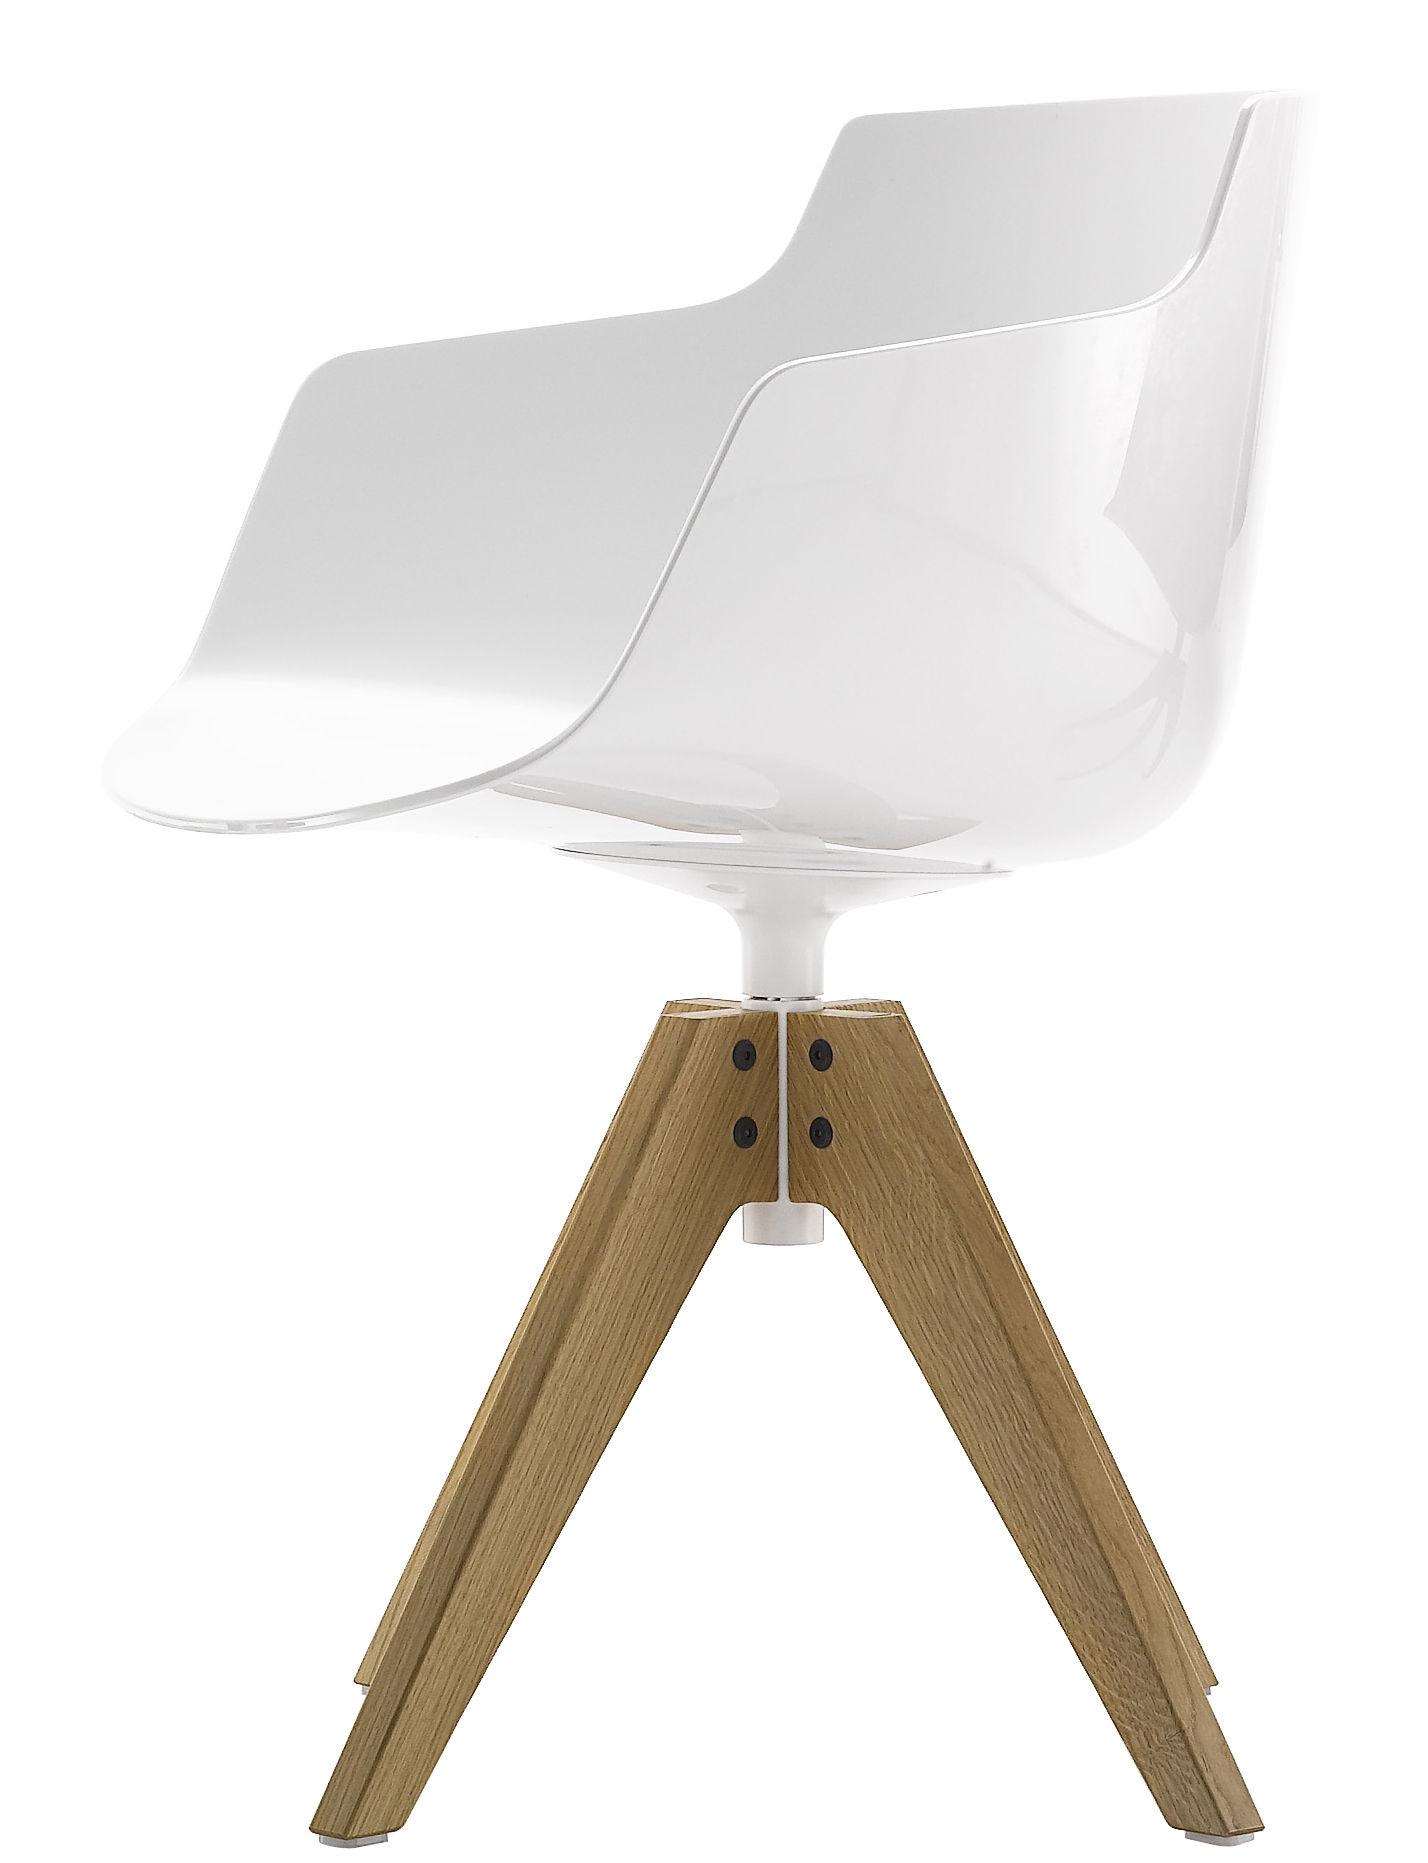 Möbel - Stühle  - Flow Slim Drehsessel / Sitzschale Kunststoff & Stuhlbeine Eiche - MDF Italia - Weiß / Fußgestell Eiche - massive Eiche, Polykarbonat